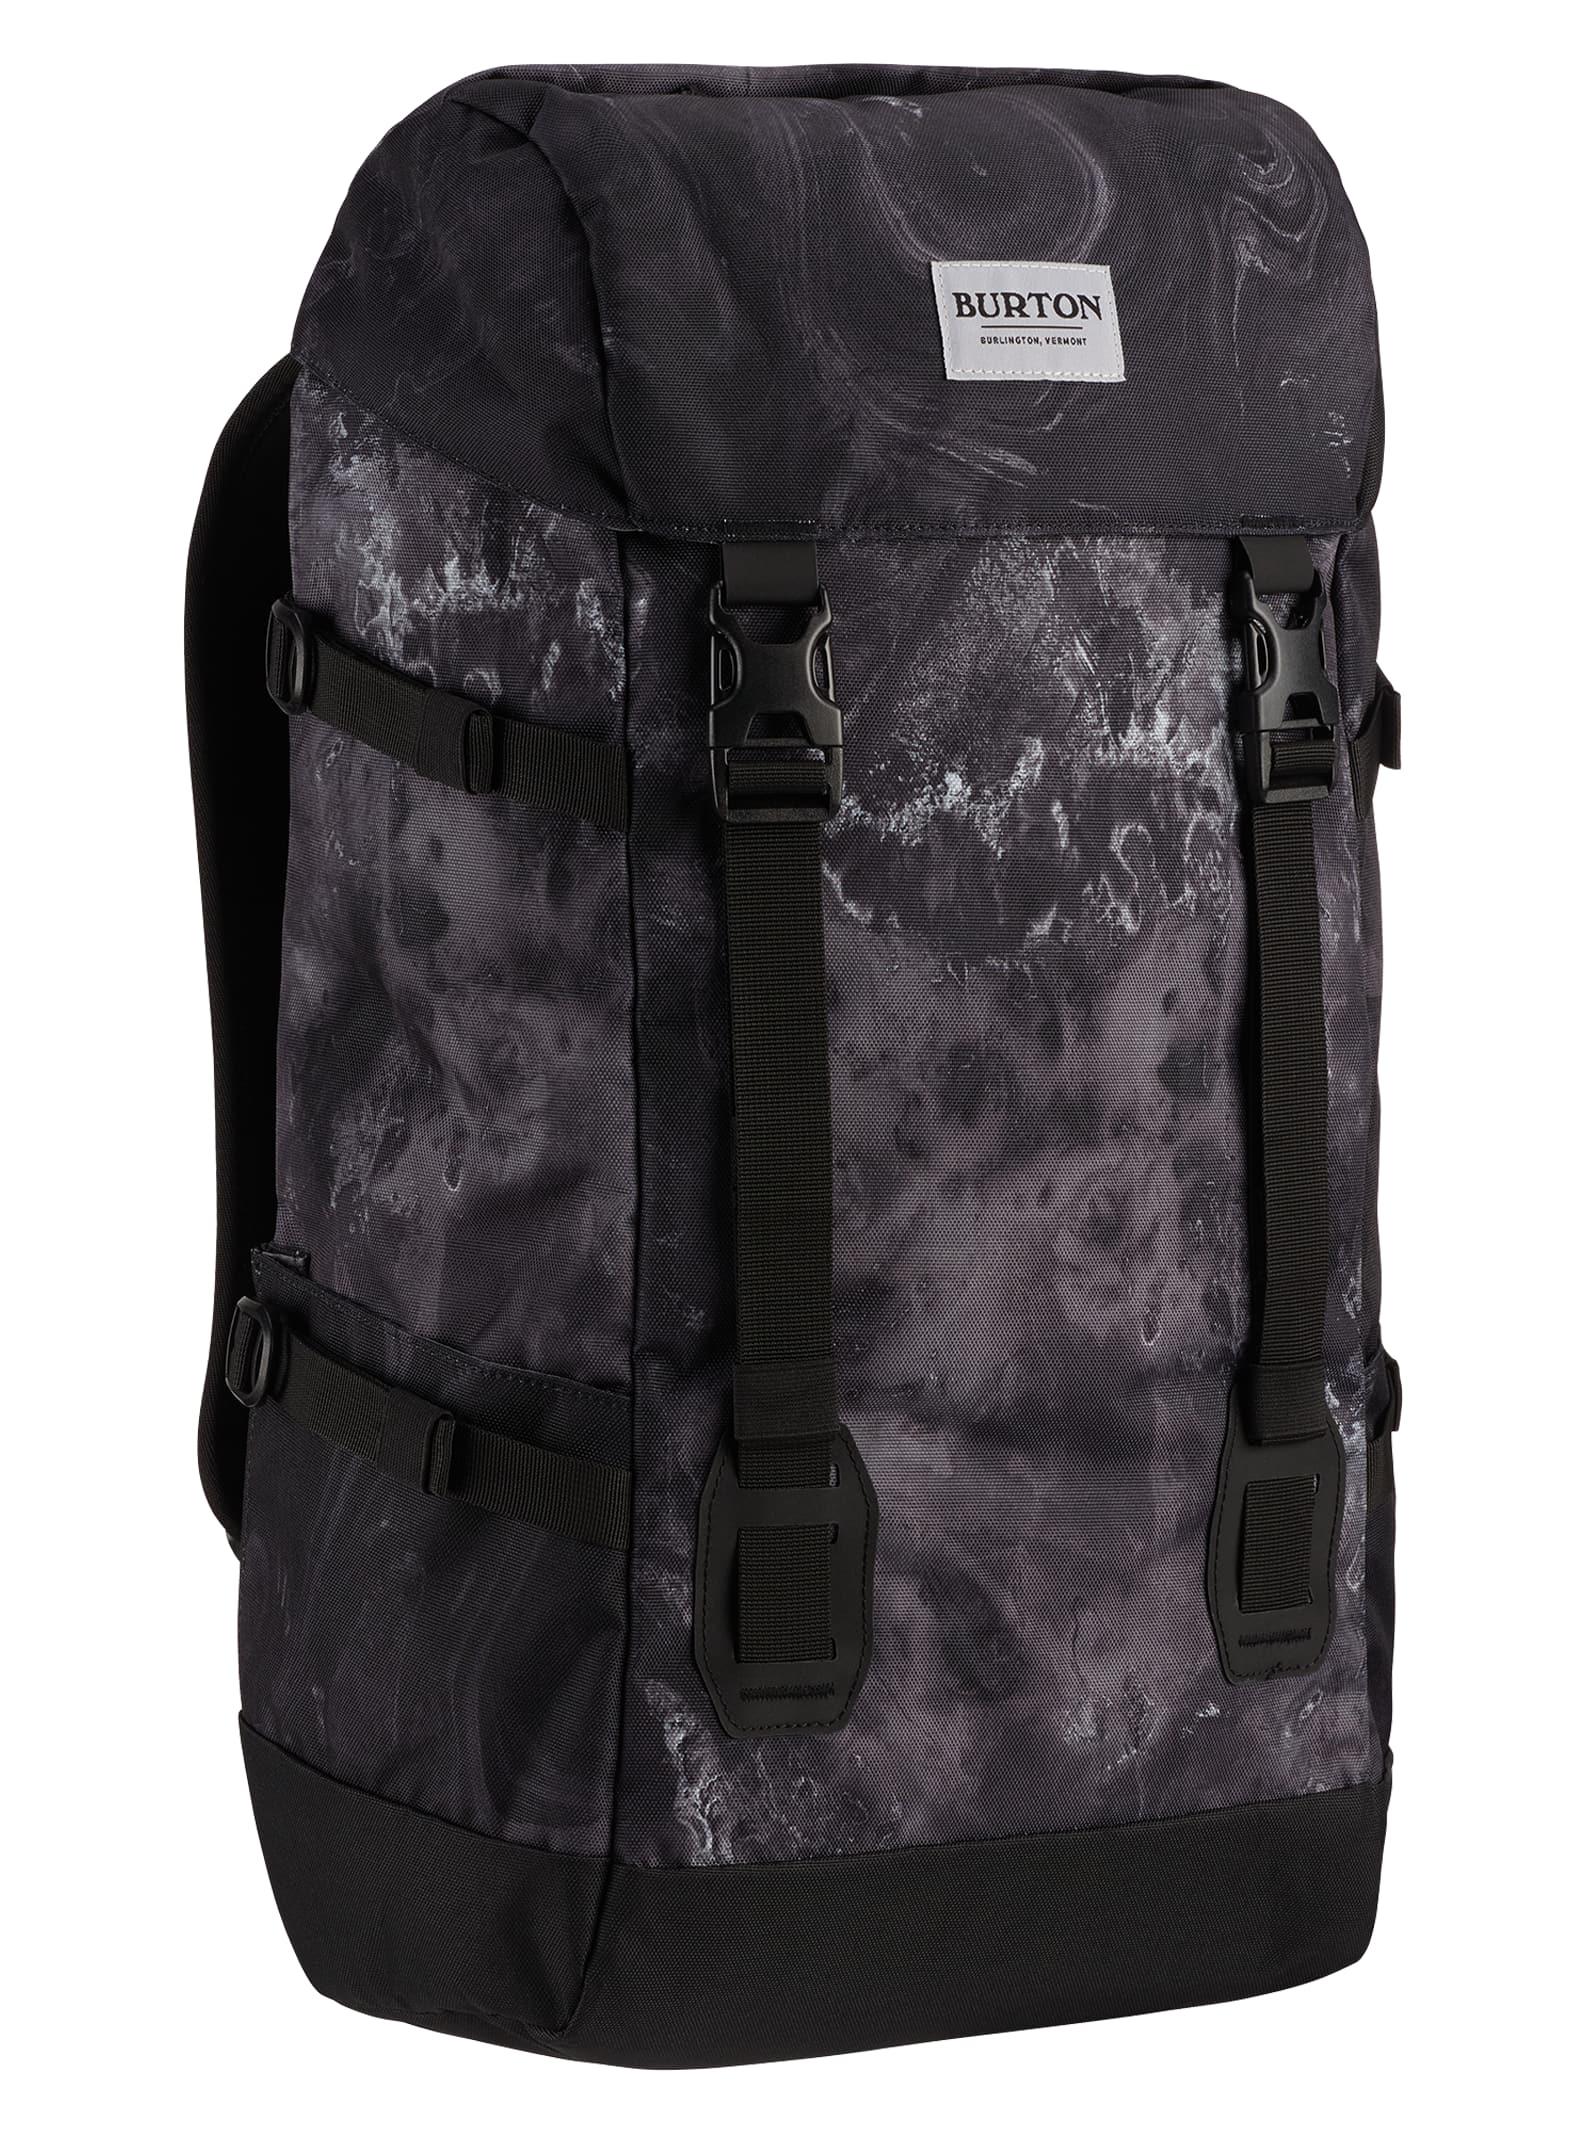 słodkie tanie świetna jakość najniższa cena Backpacks | Burton Snowboards US